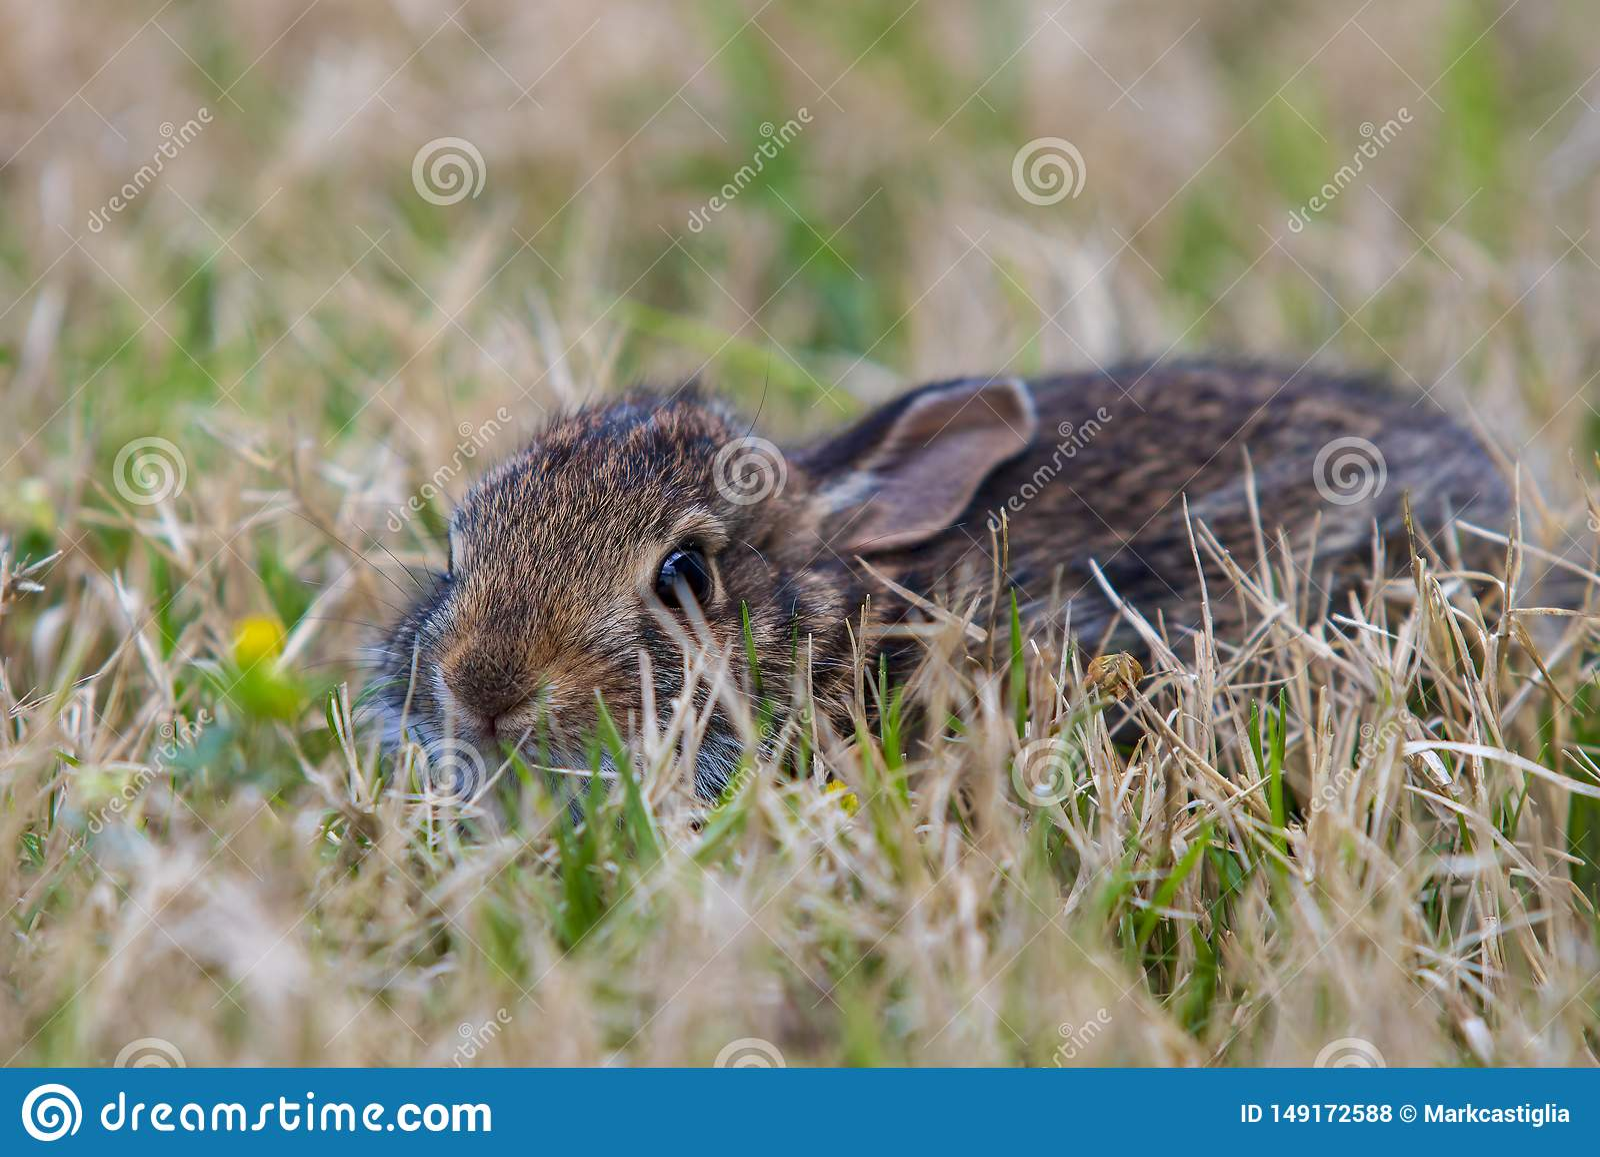 Молодой коричневый кролик в высокорослой траве